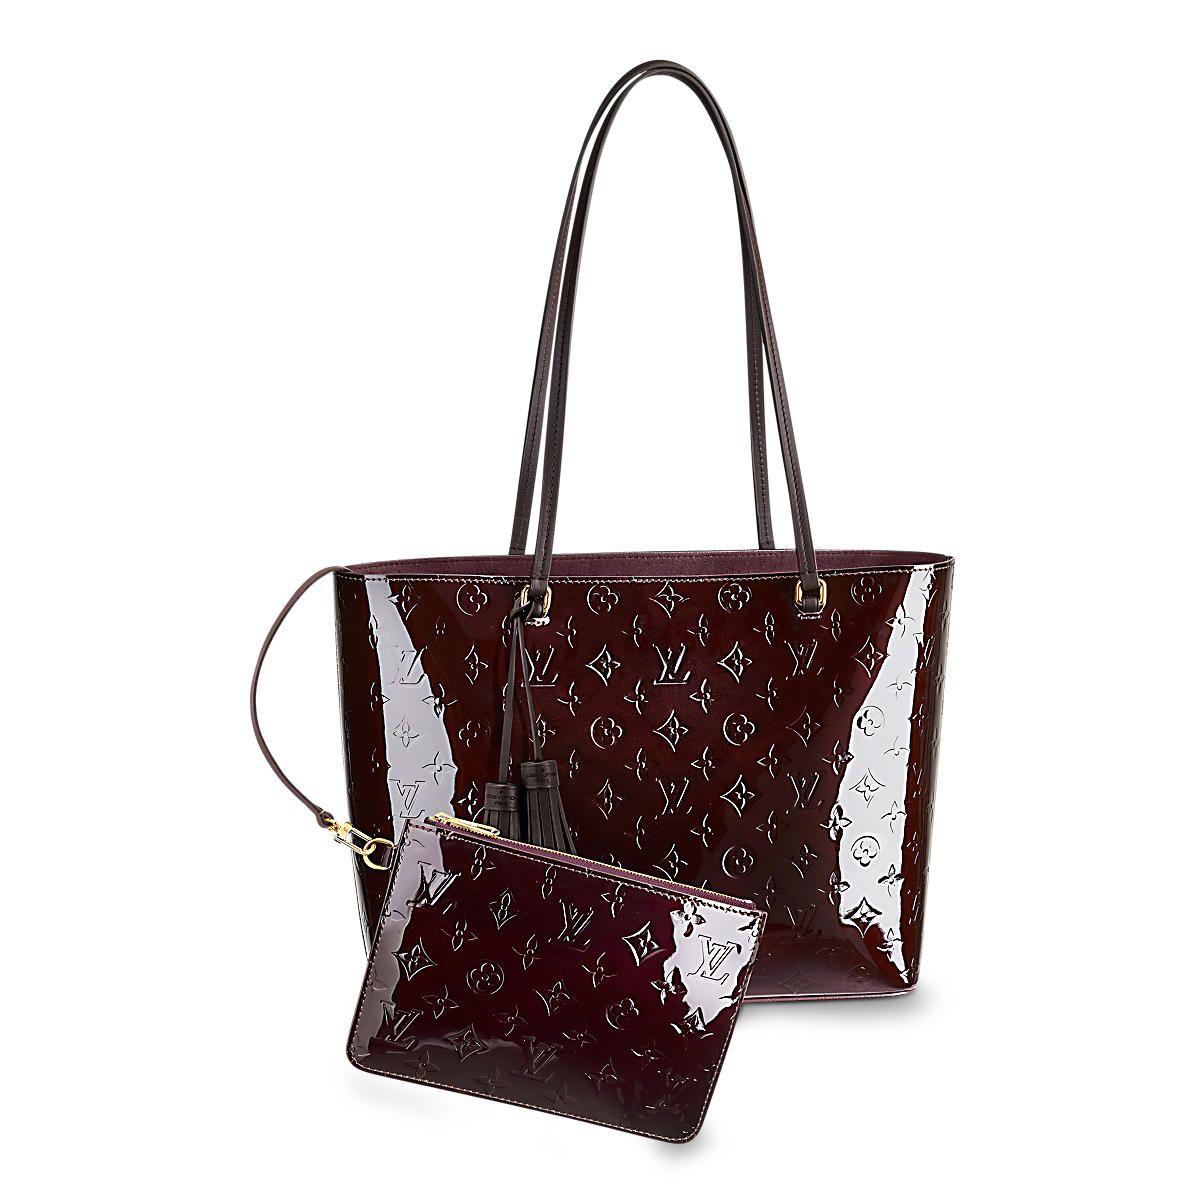 Long Beach MM Monogram Vernis Women Handbags  6a9015df78e5a